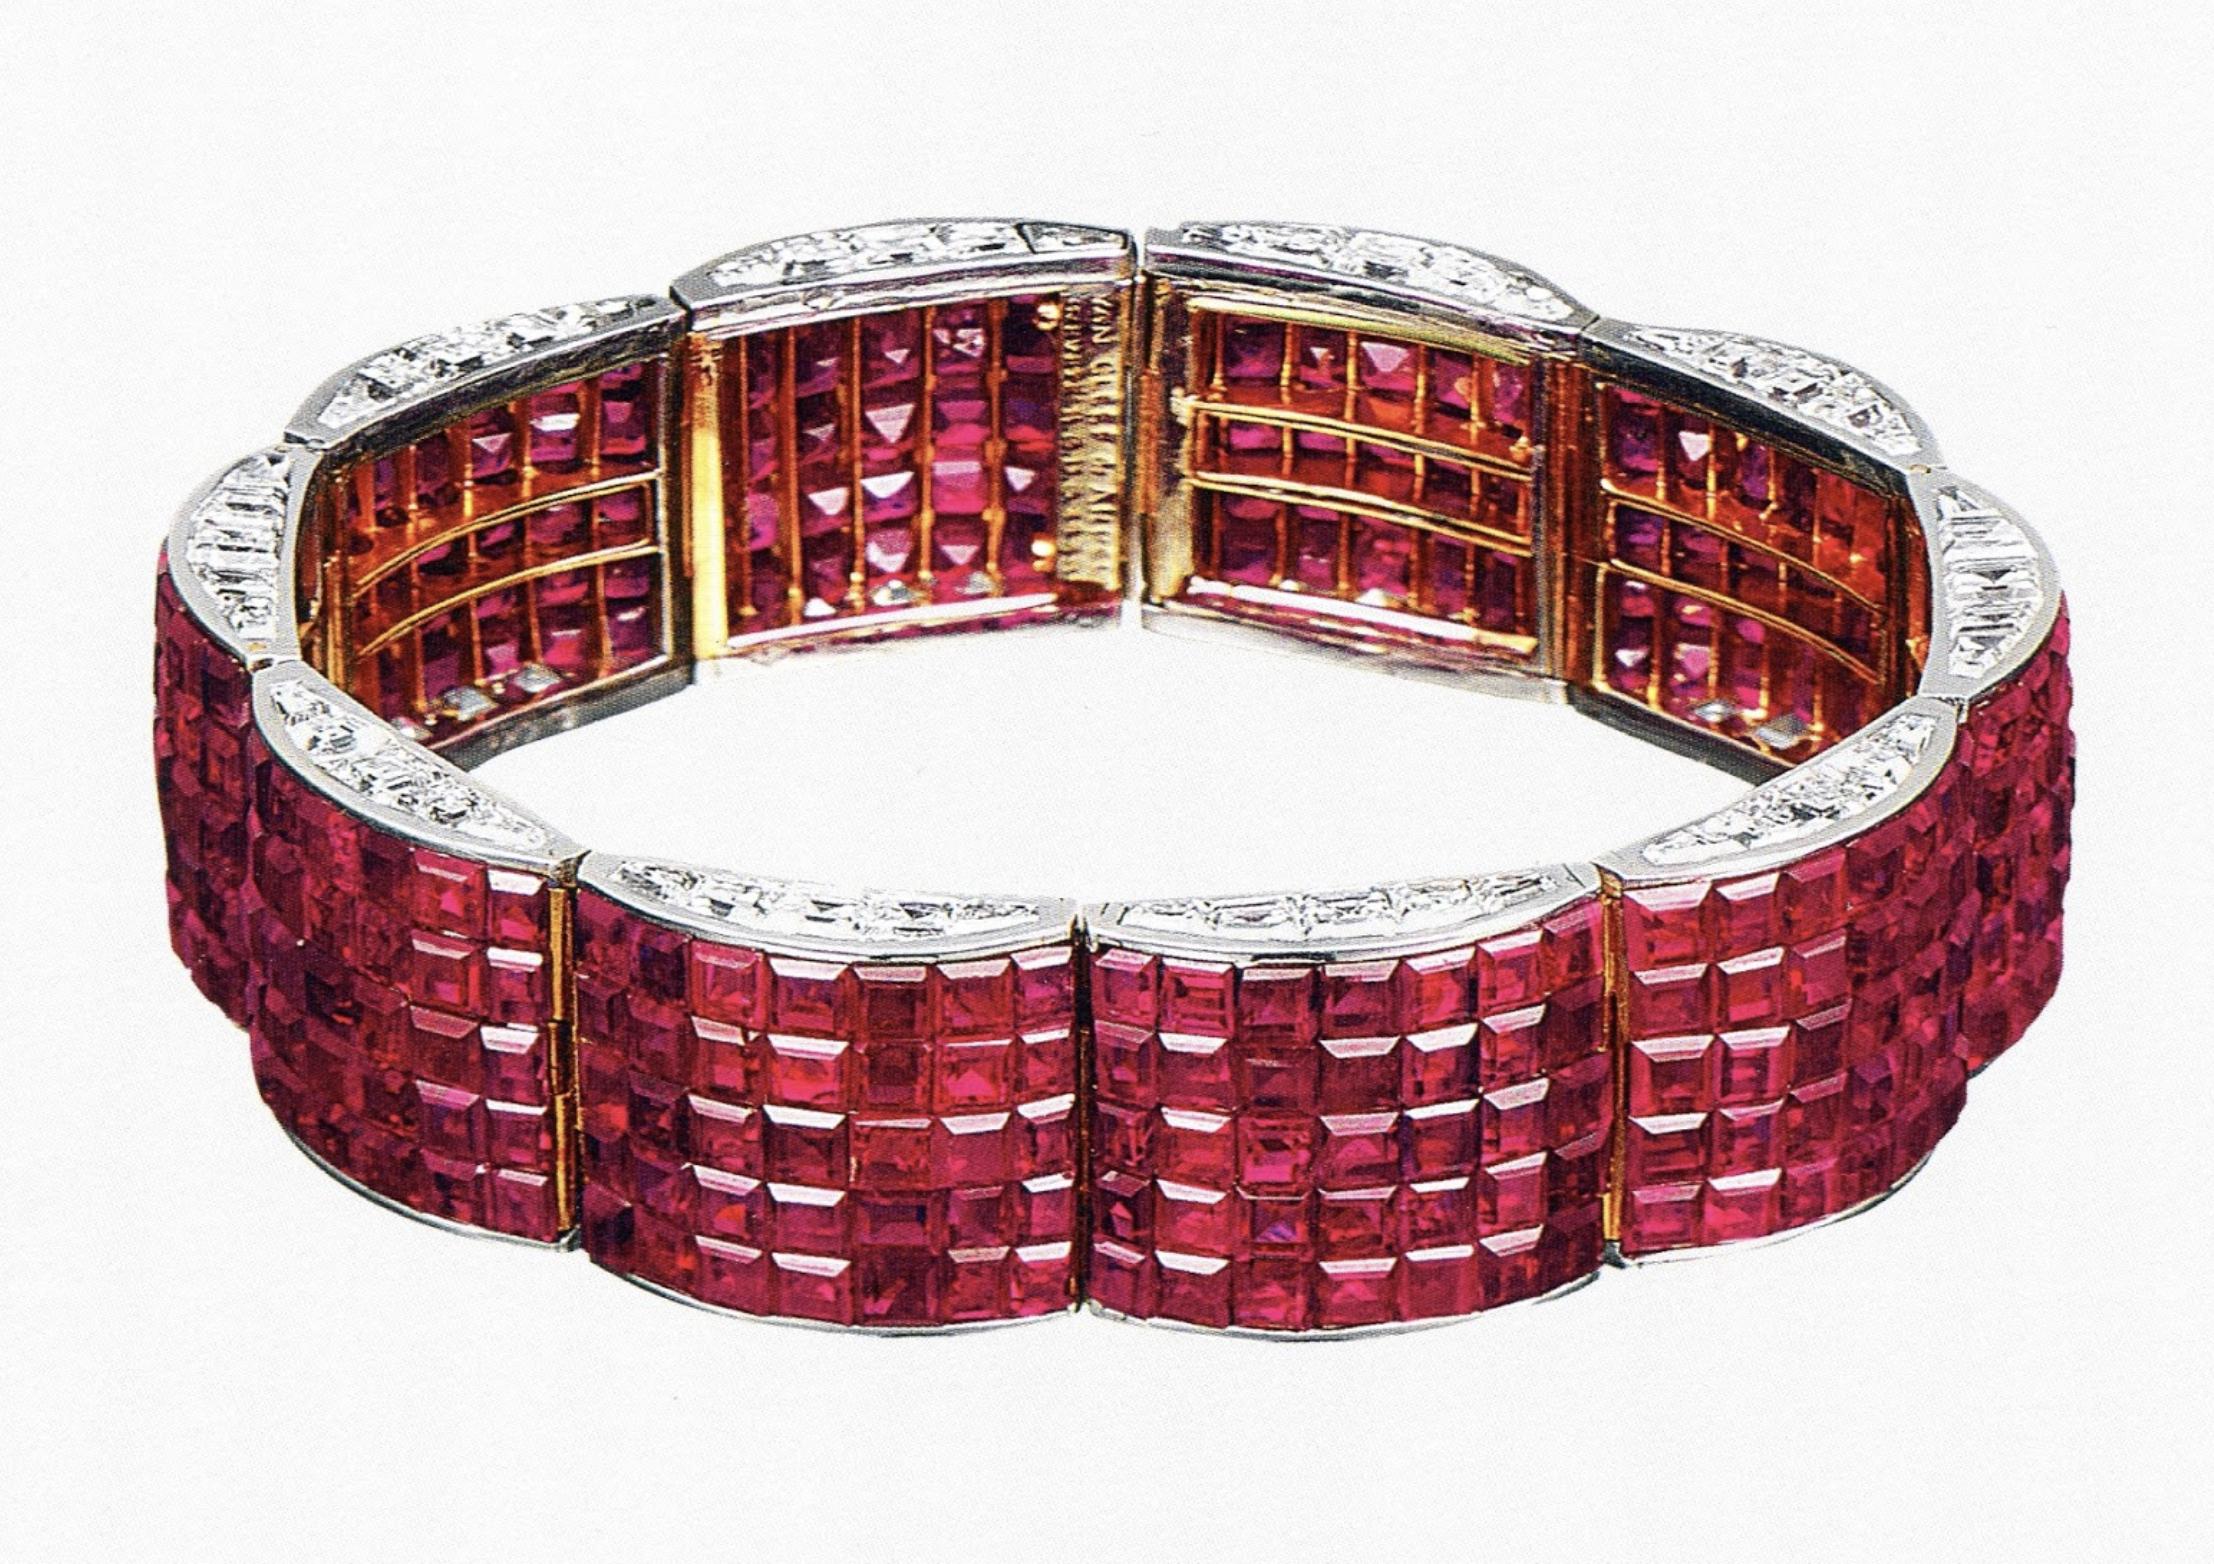 Bracelet de rubis Serti Mystérieux TM de la maison Van Cleef & Arpels